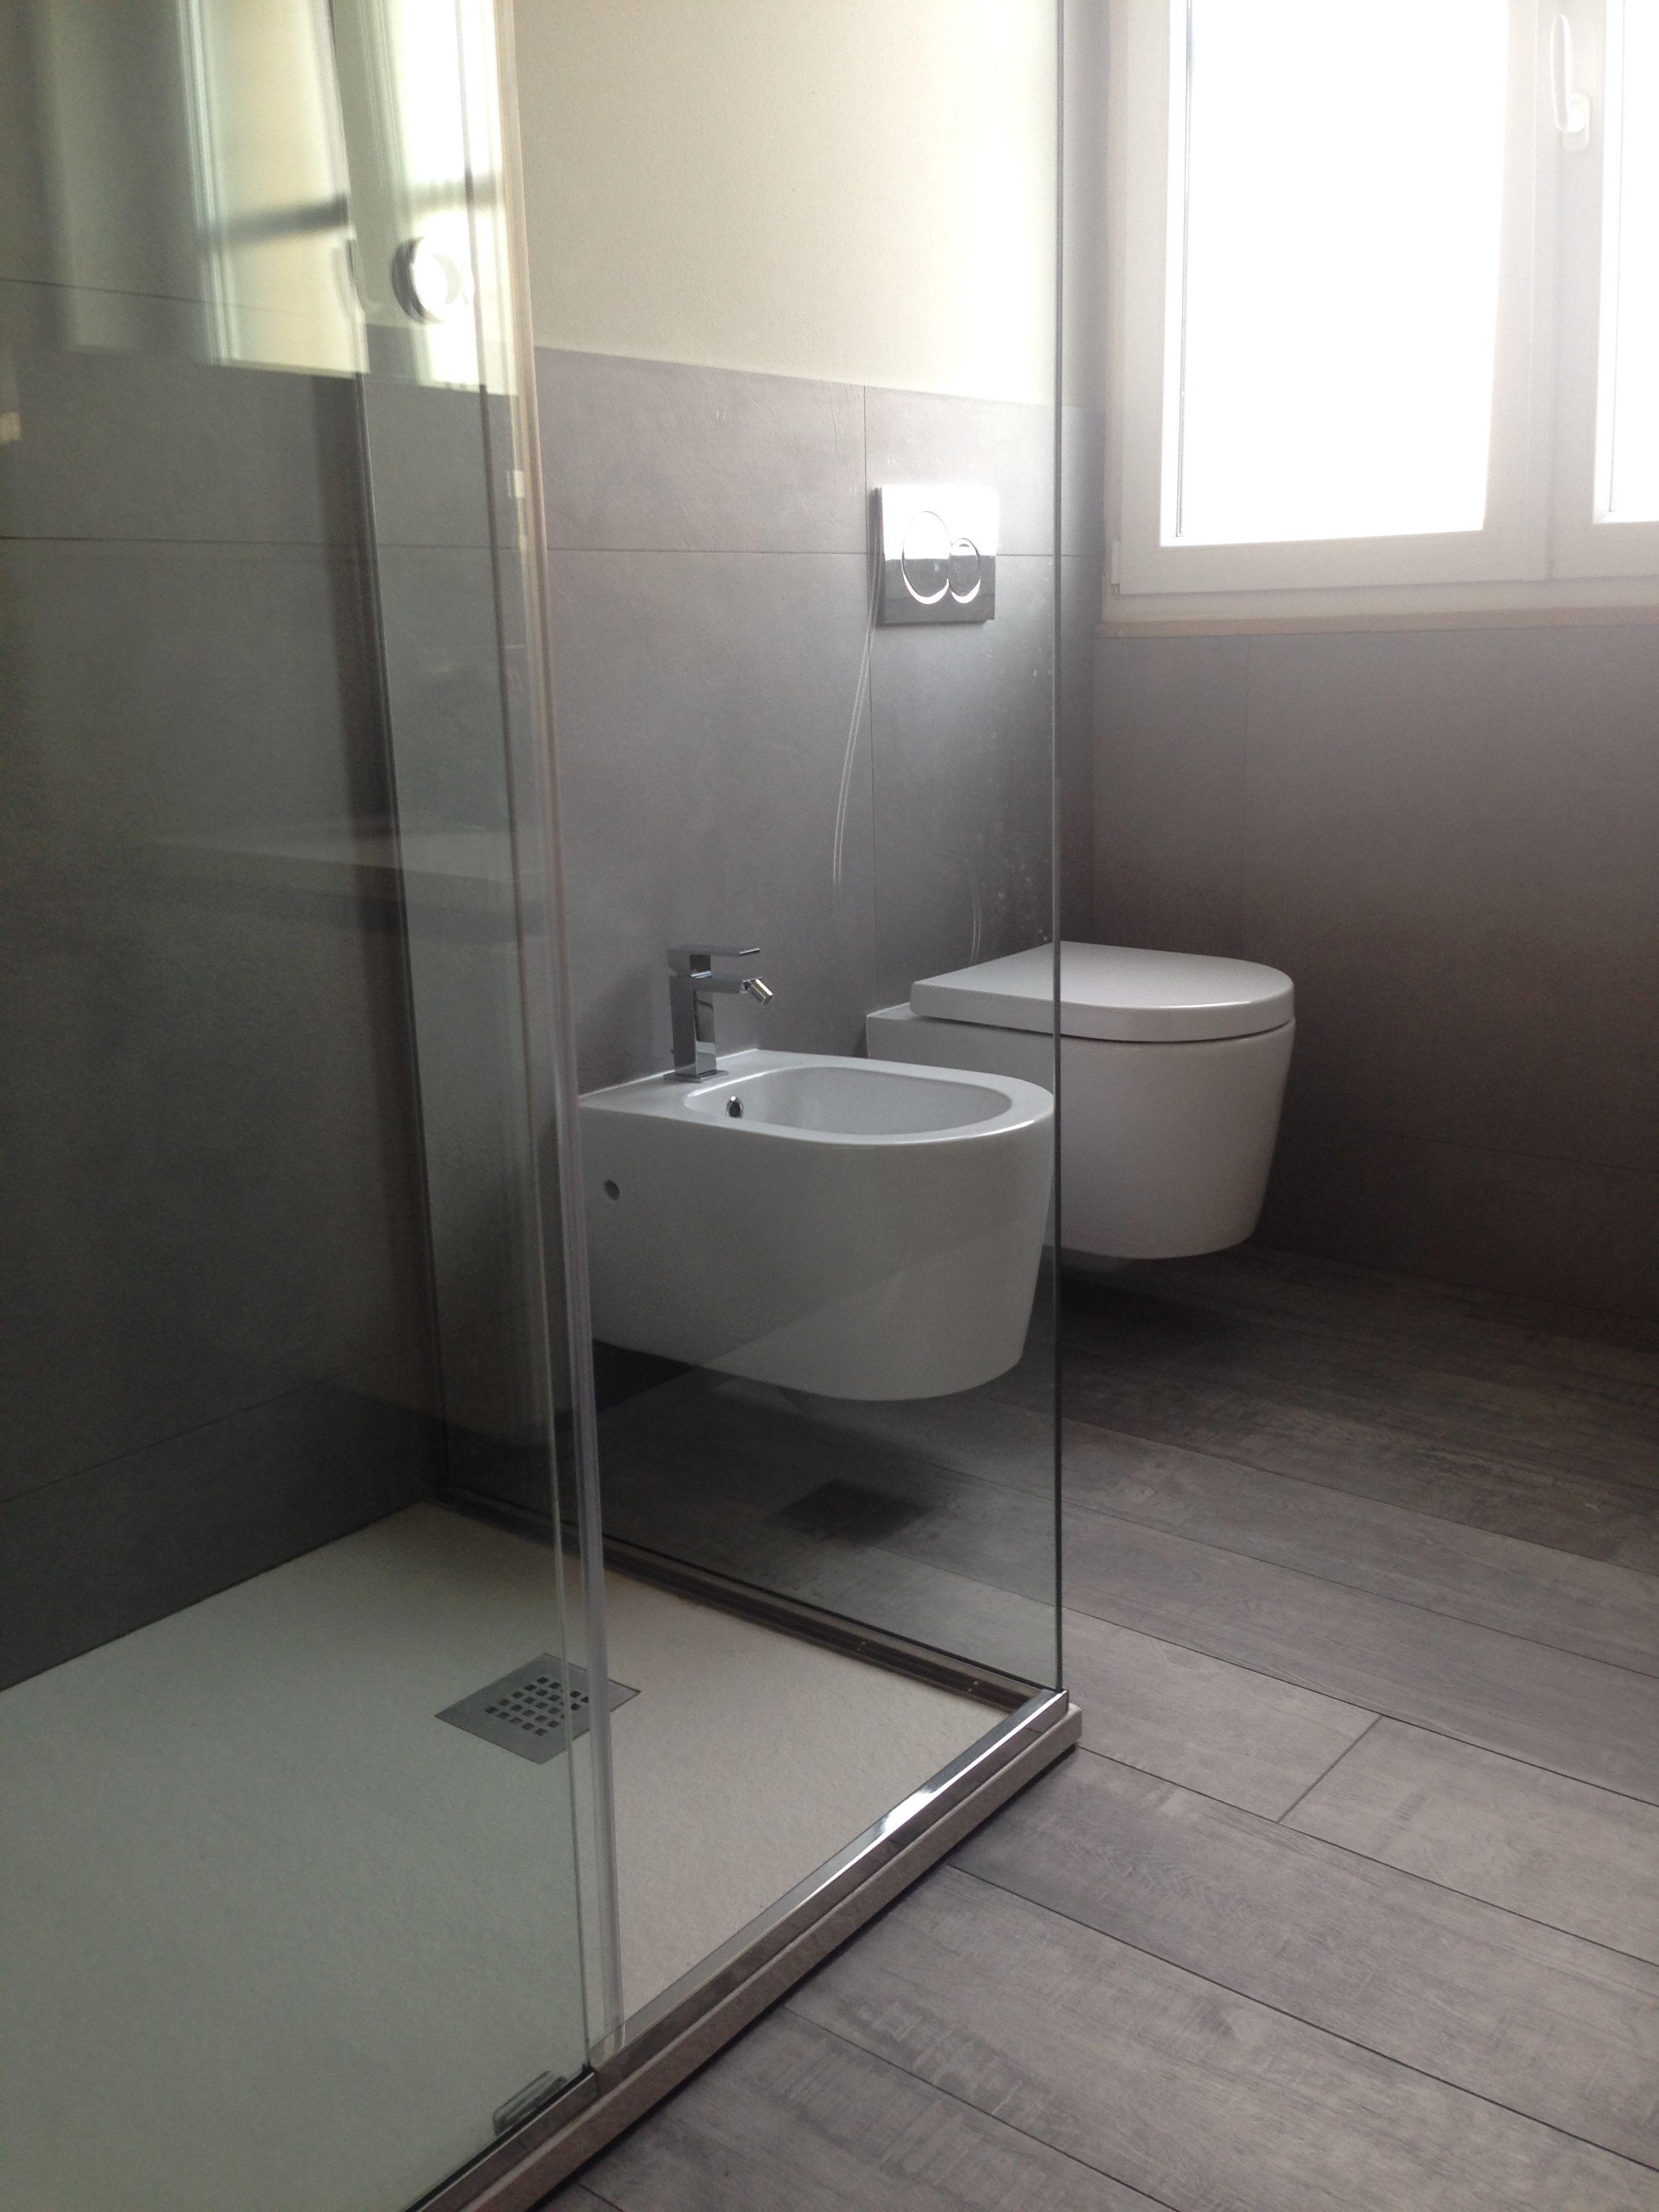 Bagno moderno pavimento bark 20x80 serie materia project col 05 e rivestimento honed 80x80 - Pavimento bagno moderno ...